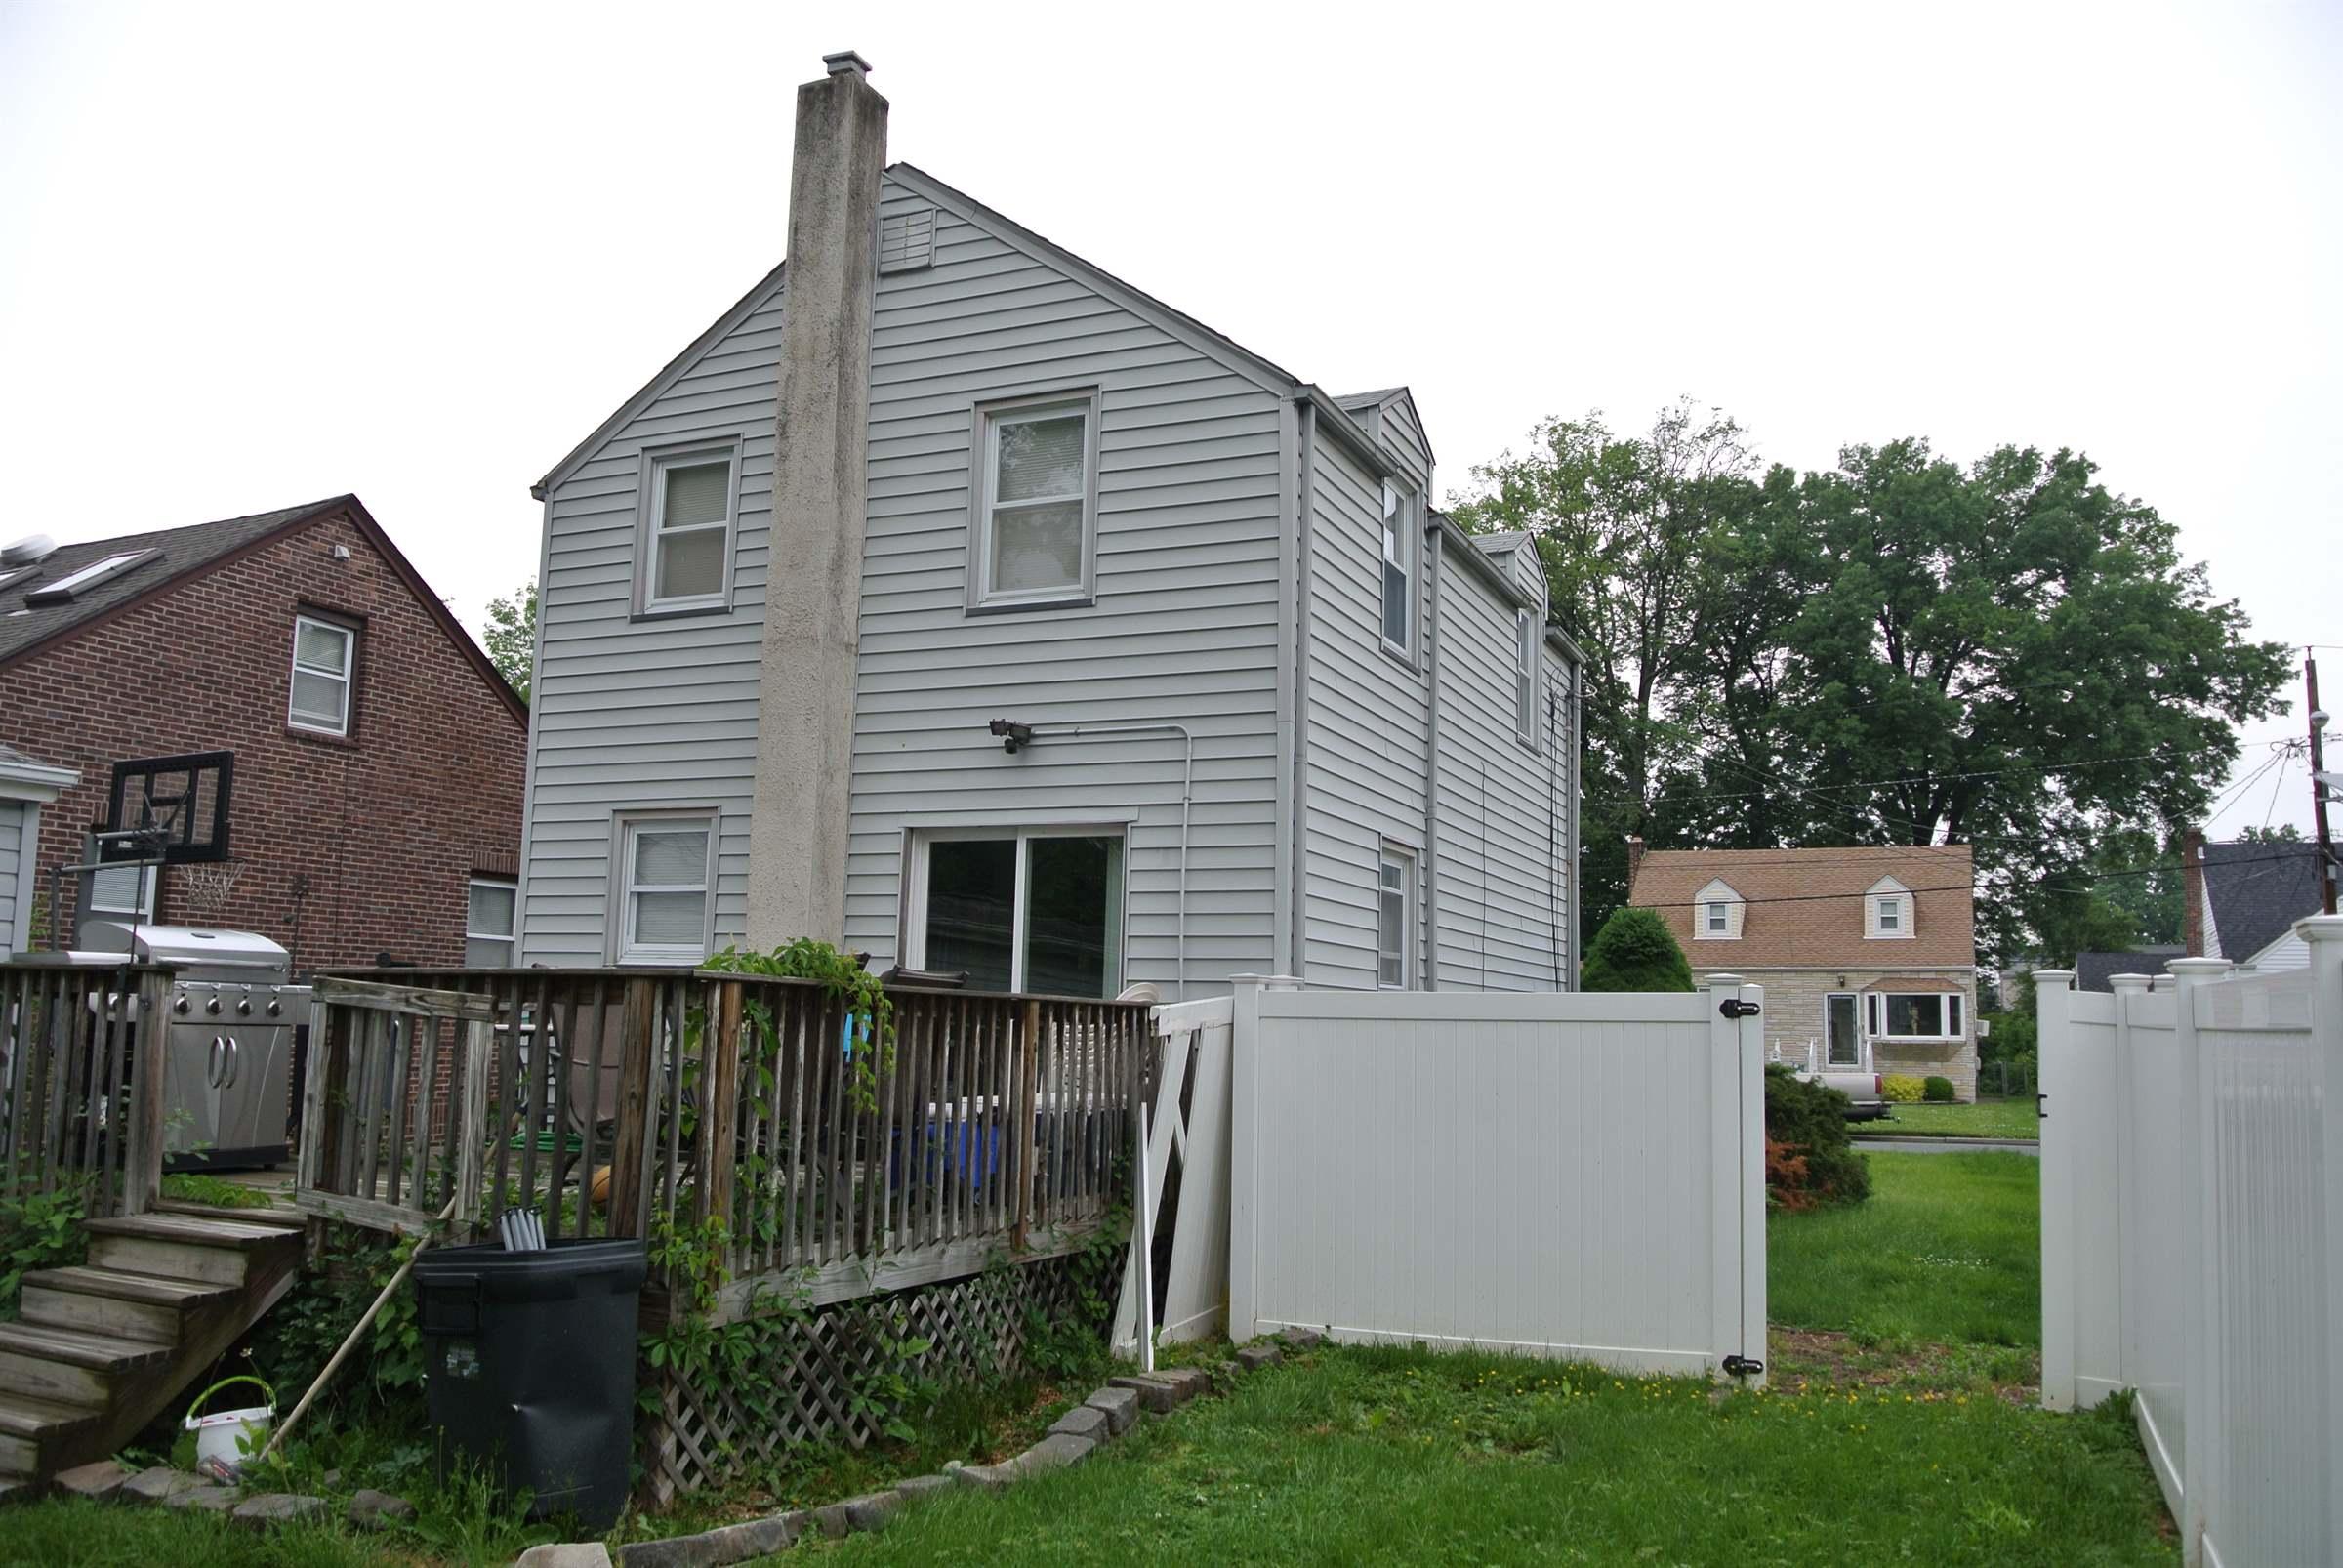 202 Millton Ave, Union Township, NJ 07083